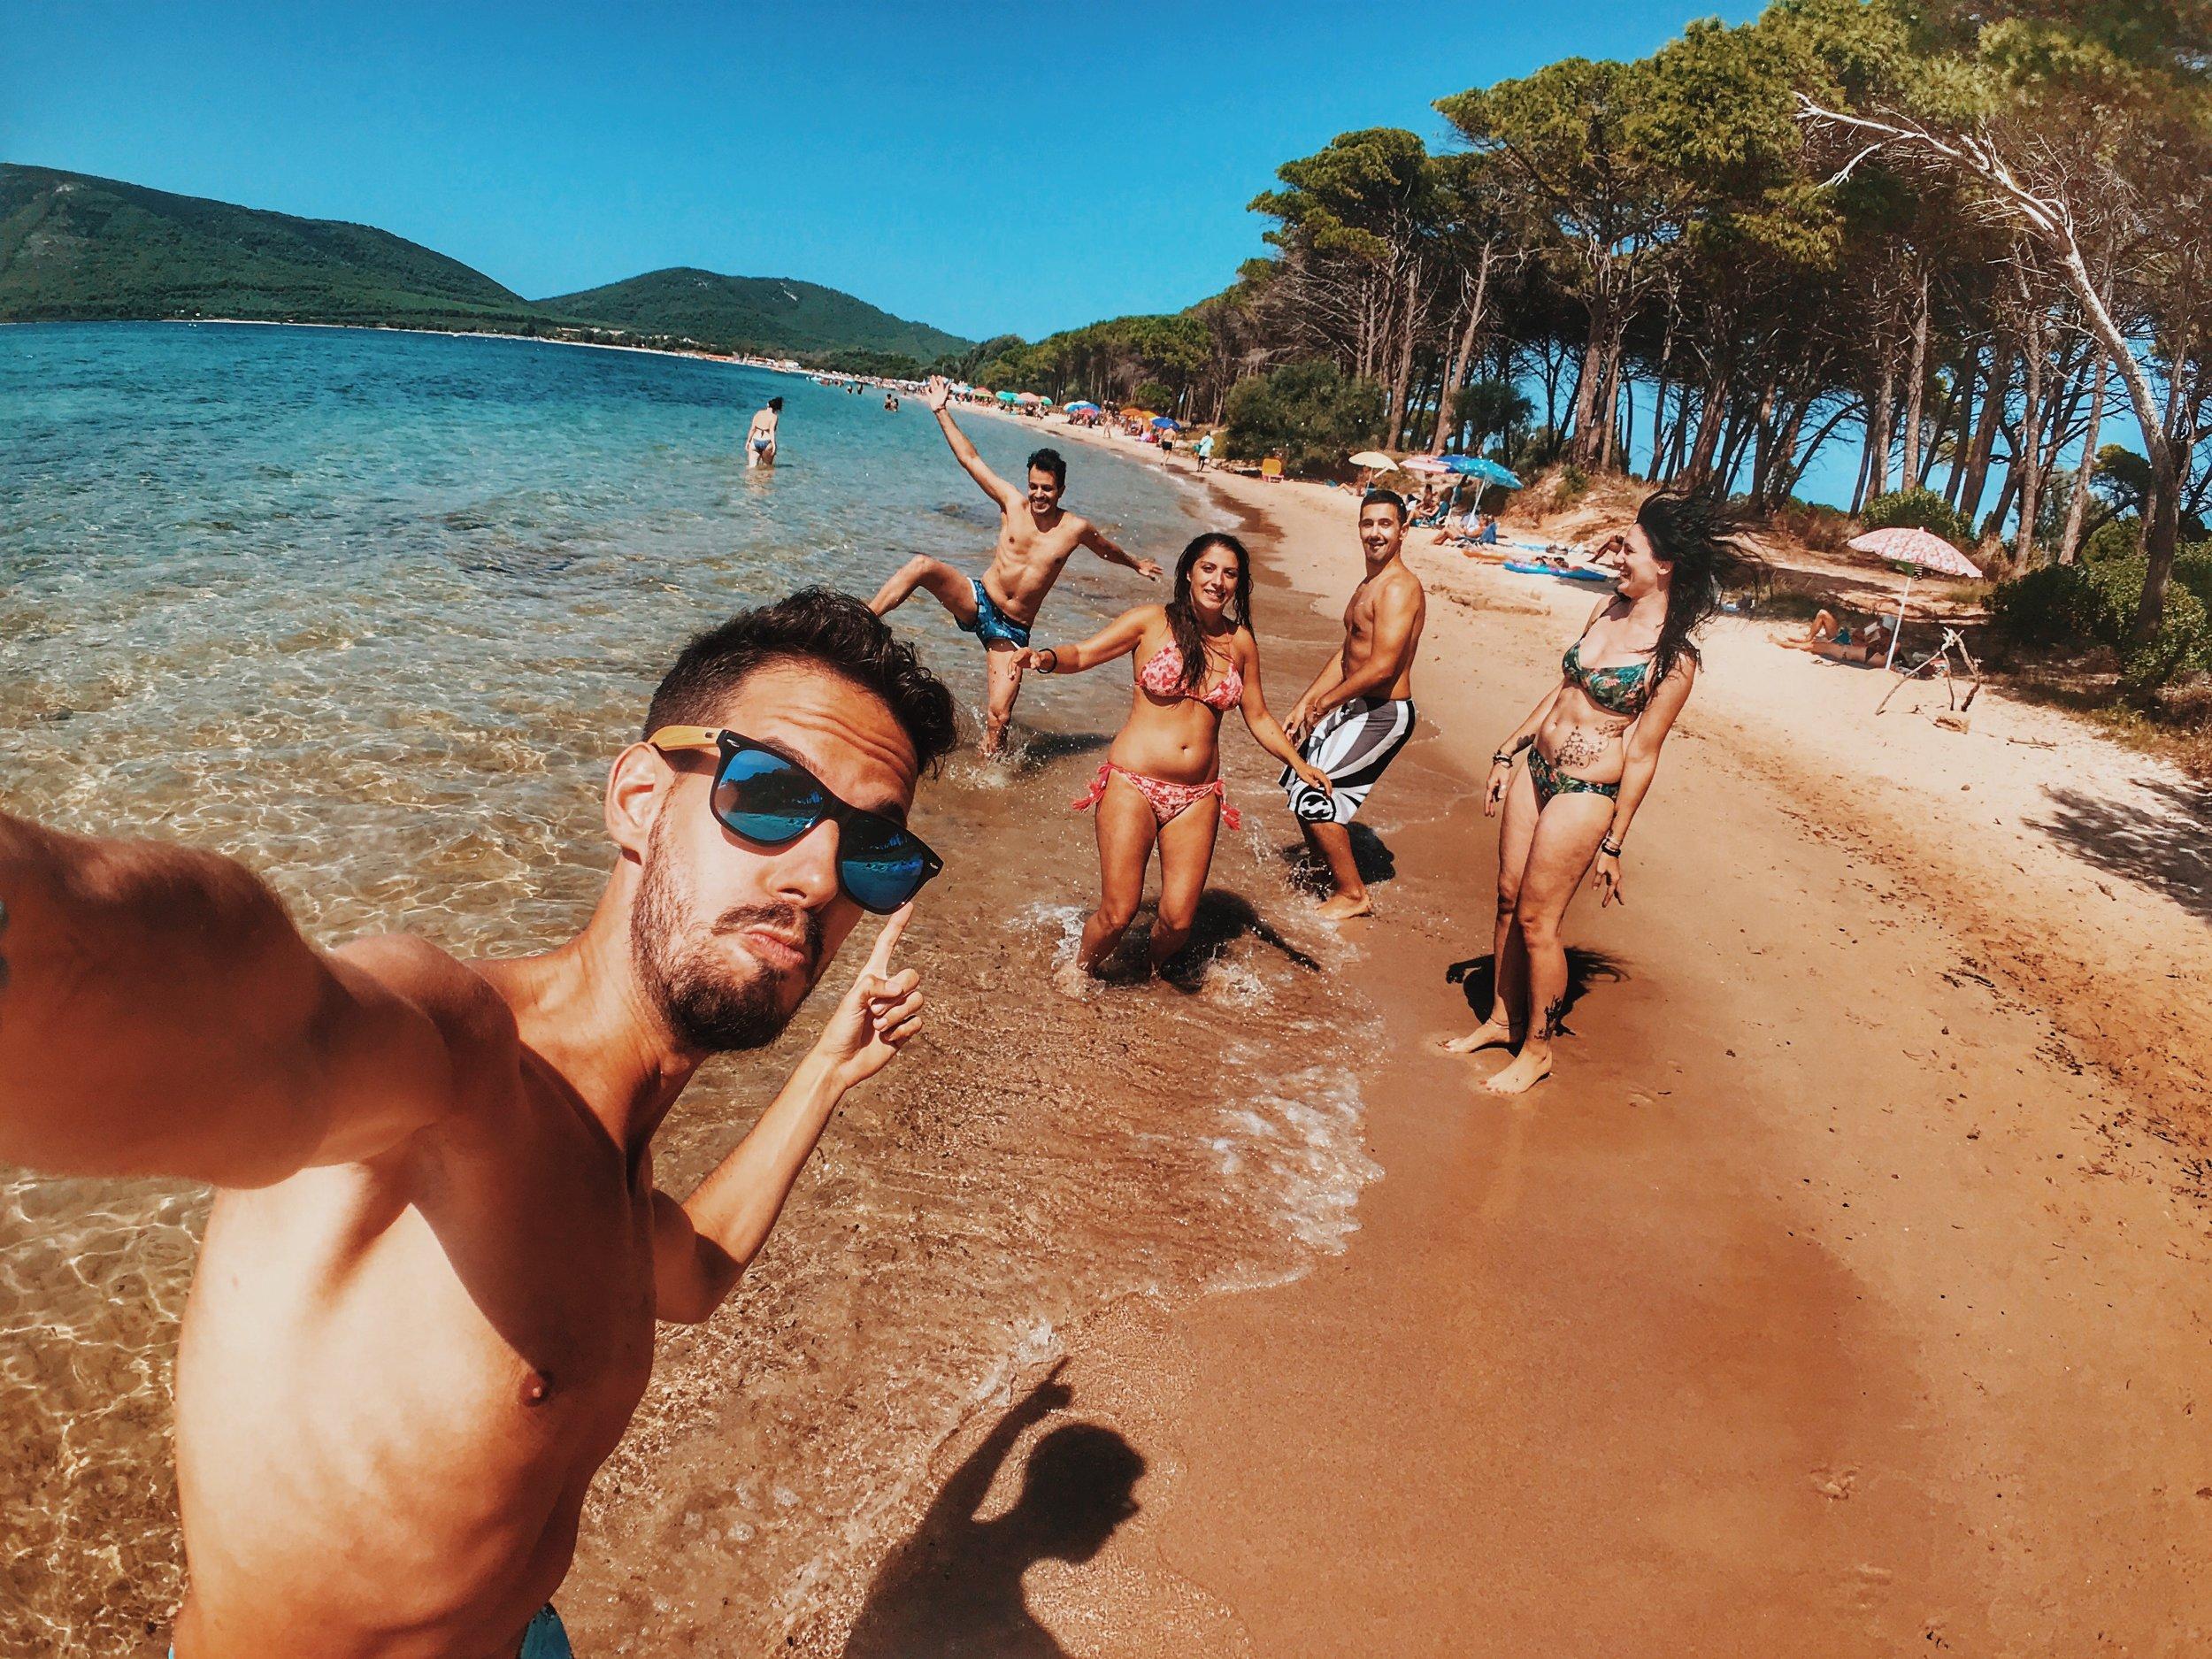 beach-bikini-enjoyment-1427741.jpg